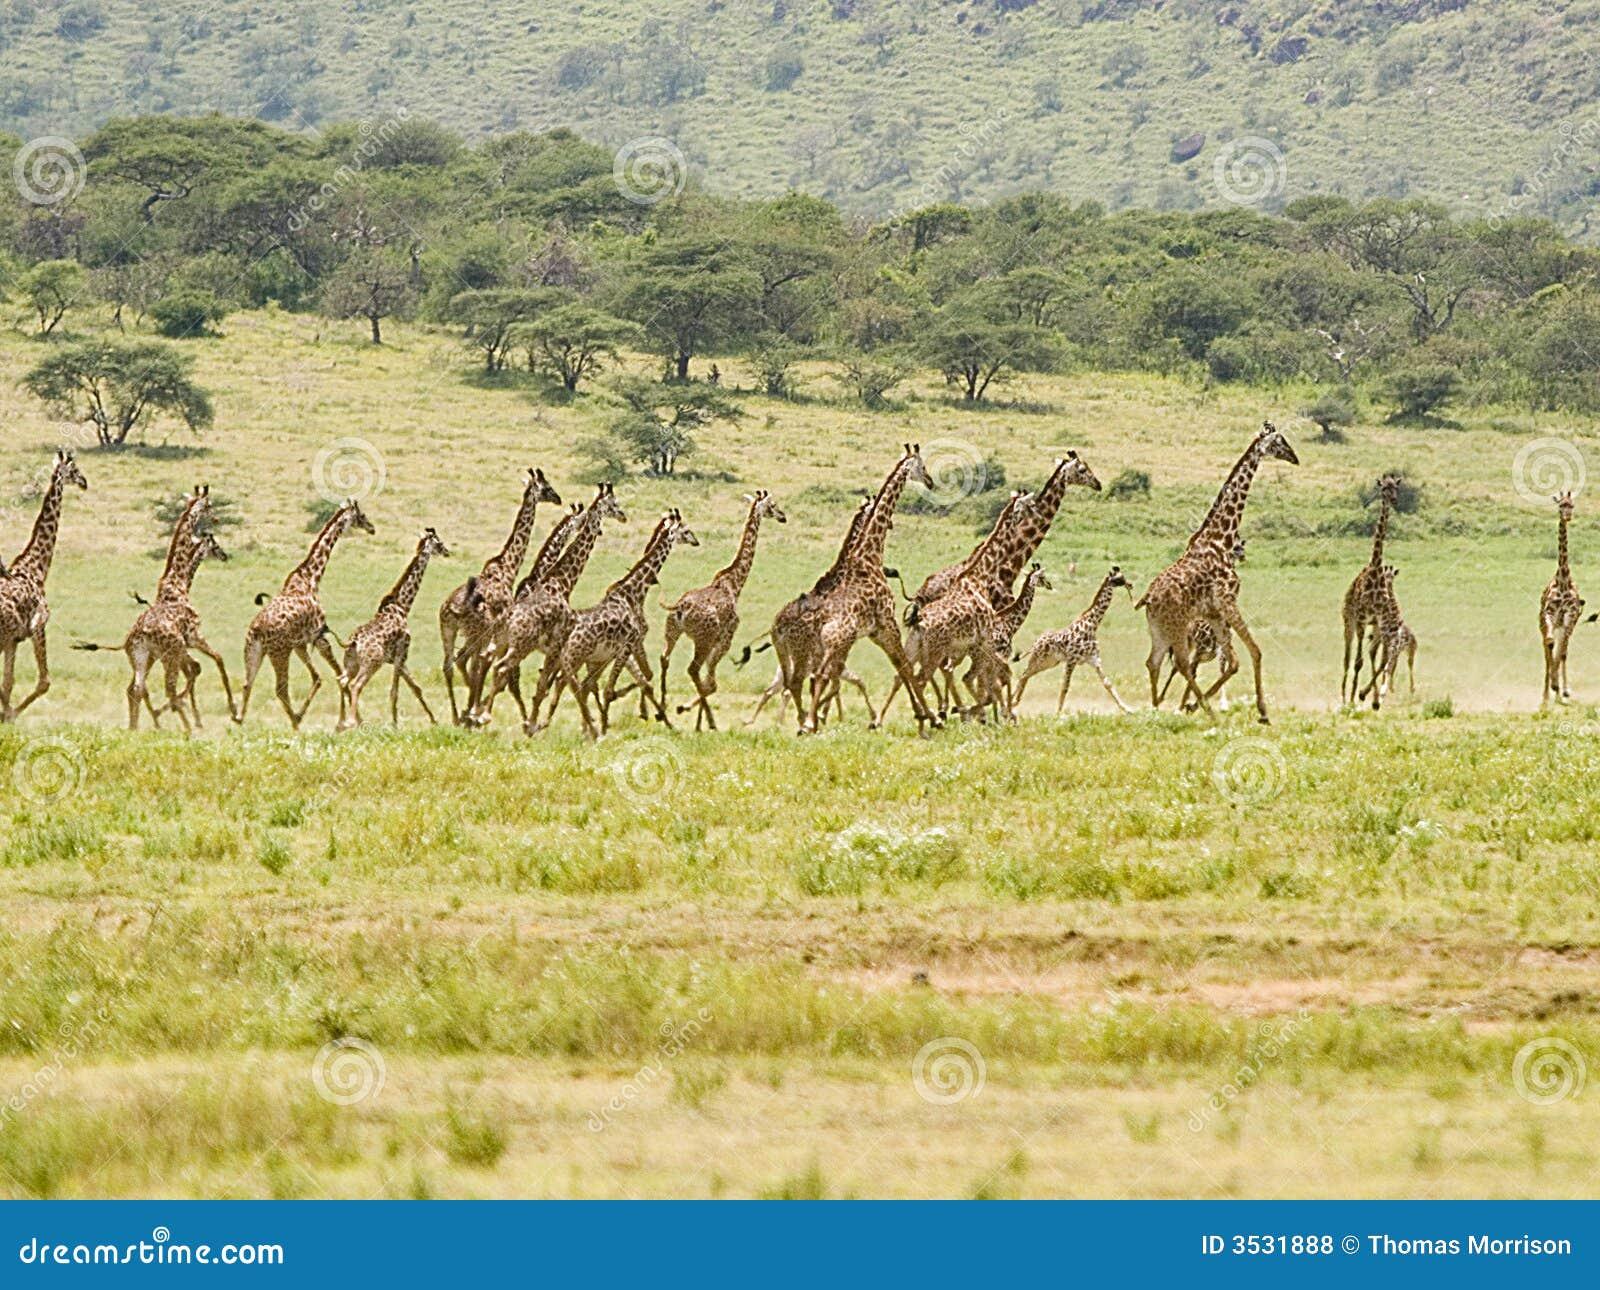 Giraffe Stampede Royalty Free Stock Photos Image 3531888